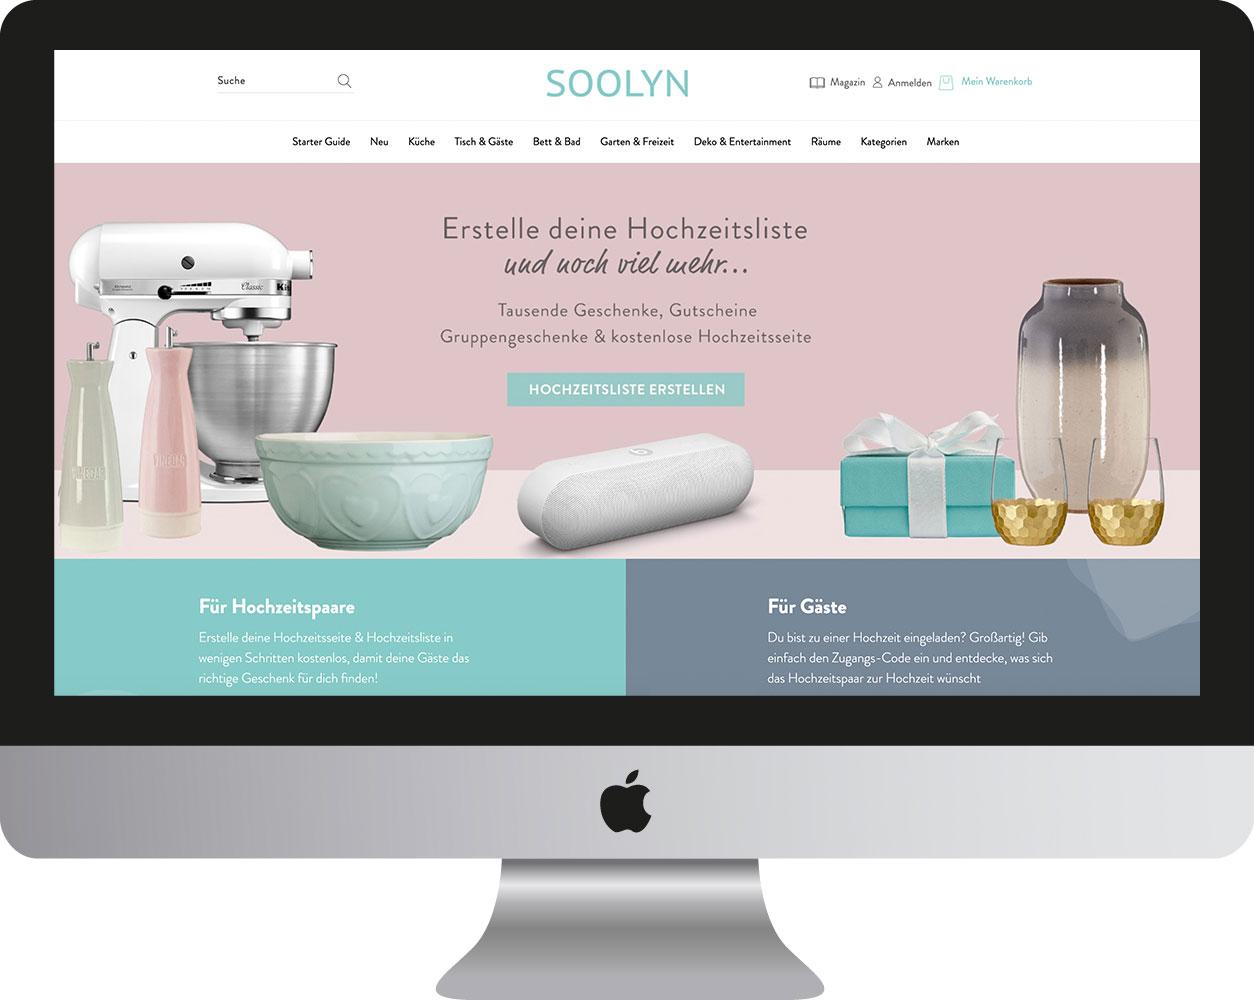 Hochzeitstage 2020: Start-up SOOLYN präsentiert Online-Geschenkeshop mit kostenlosen Planungstools